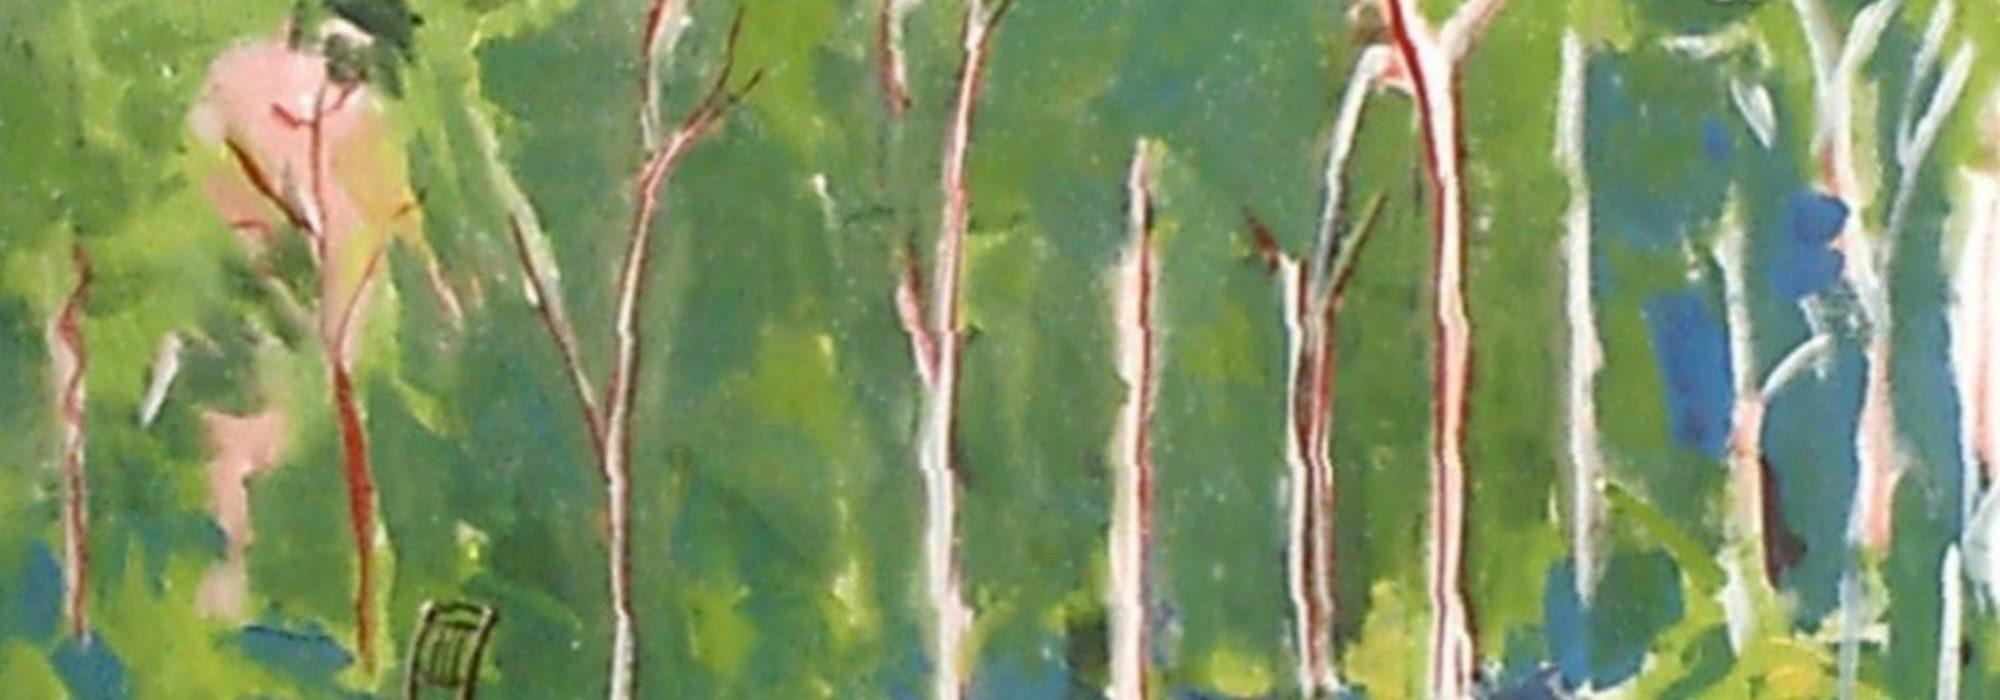 Imagem: Cadeira na Floresta (Leo Pincel, 2004)